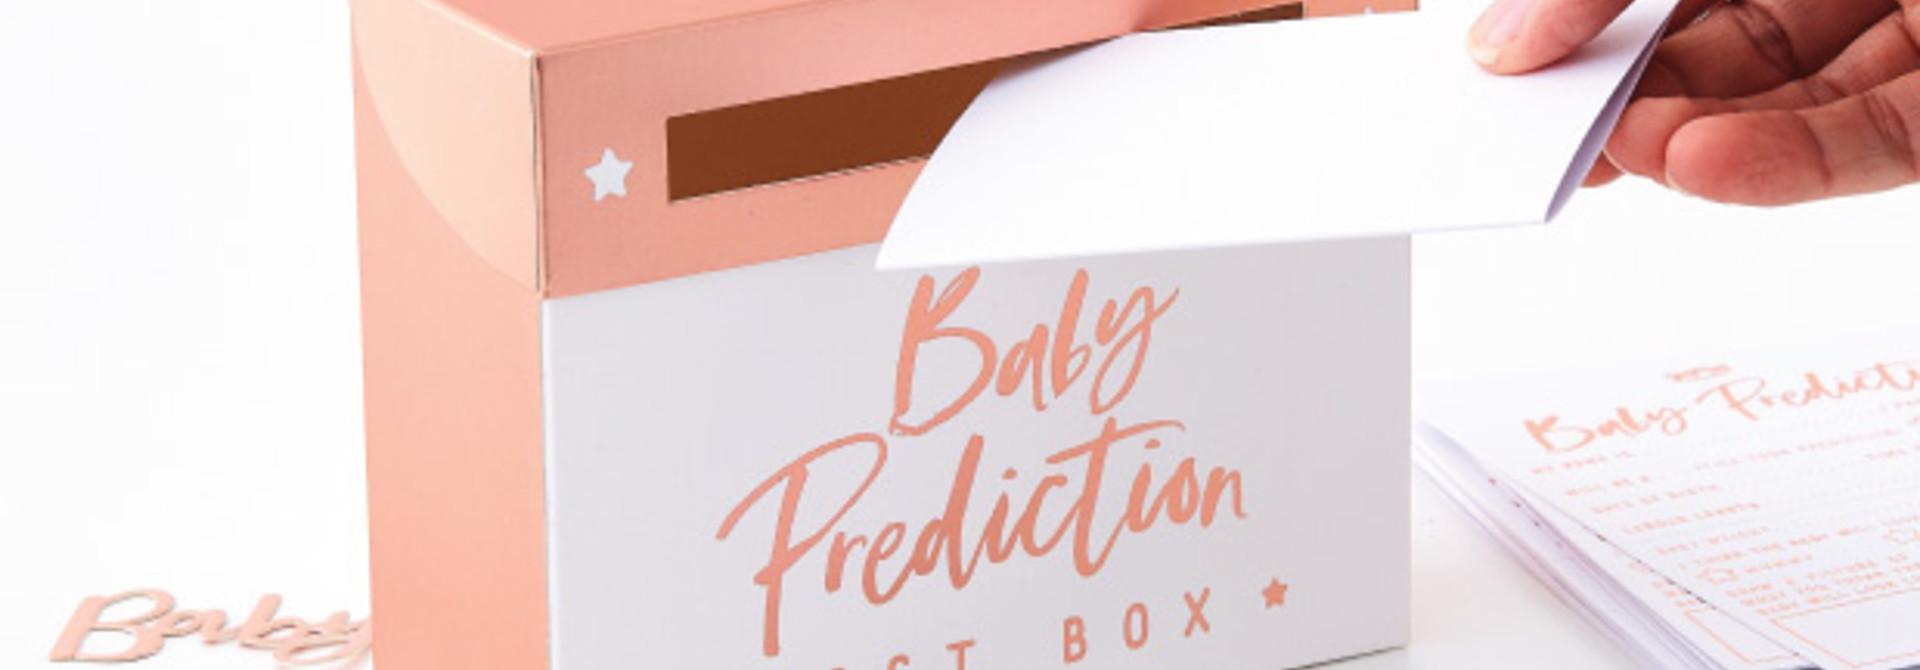 Babyshower voorspellingen spel Twinkle Twinkle -  Ginger Ray